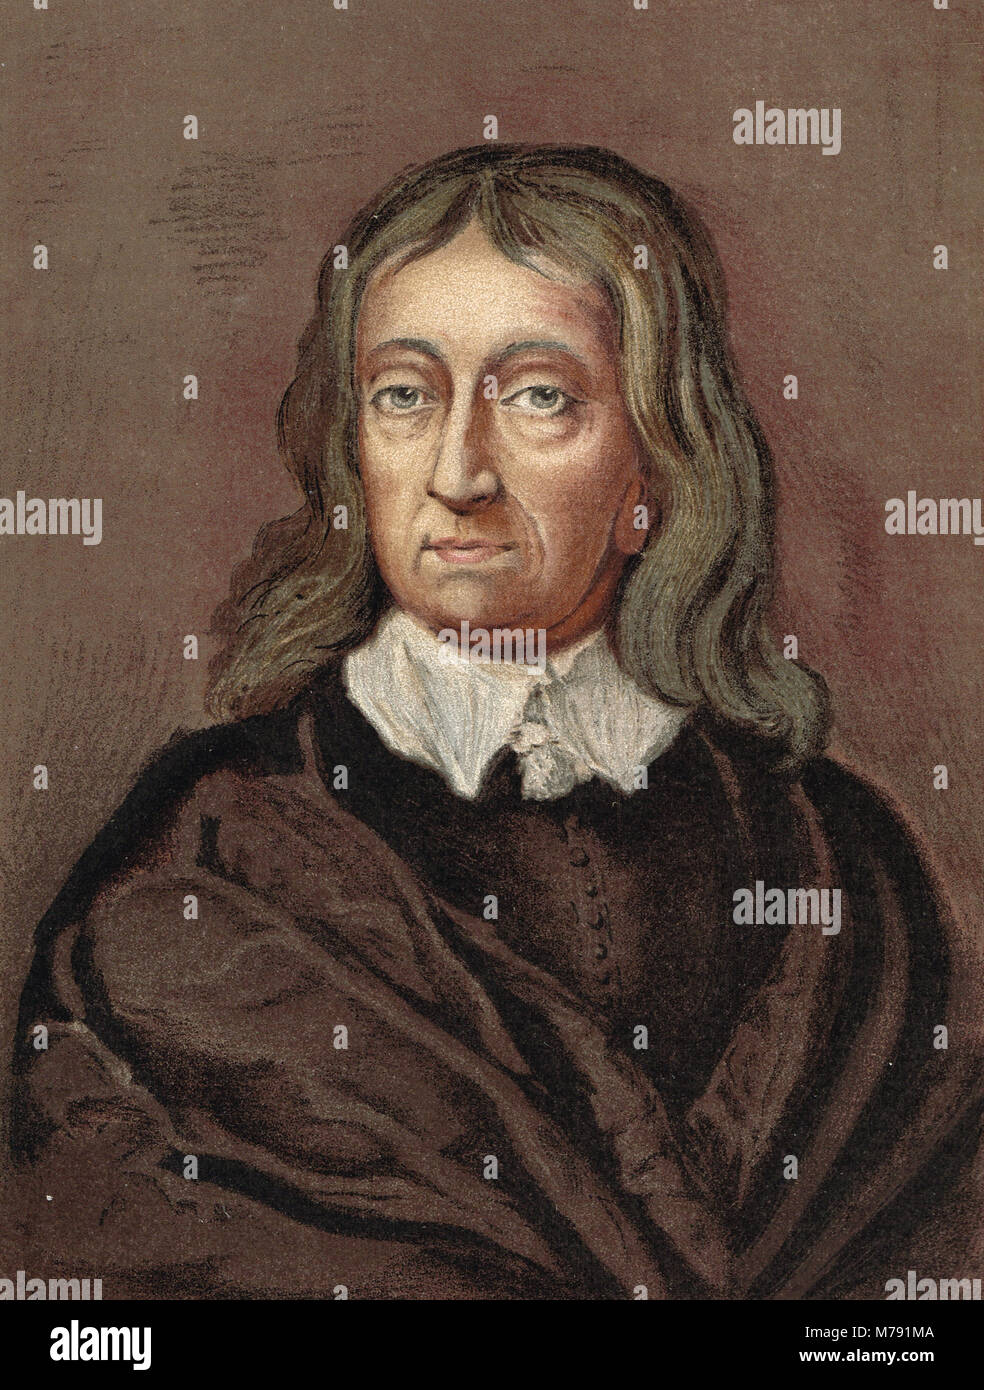 John Milton, poète anglais, (1608-1674) Banque D'Images